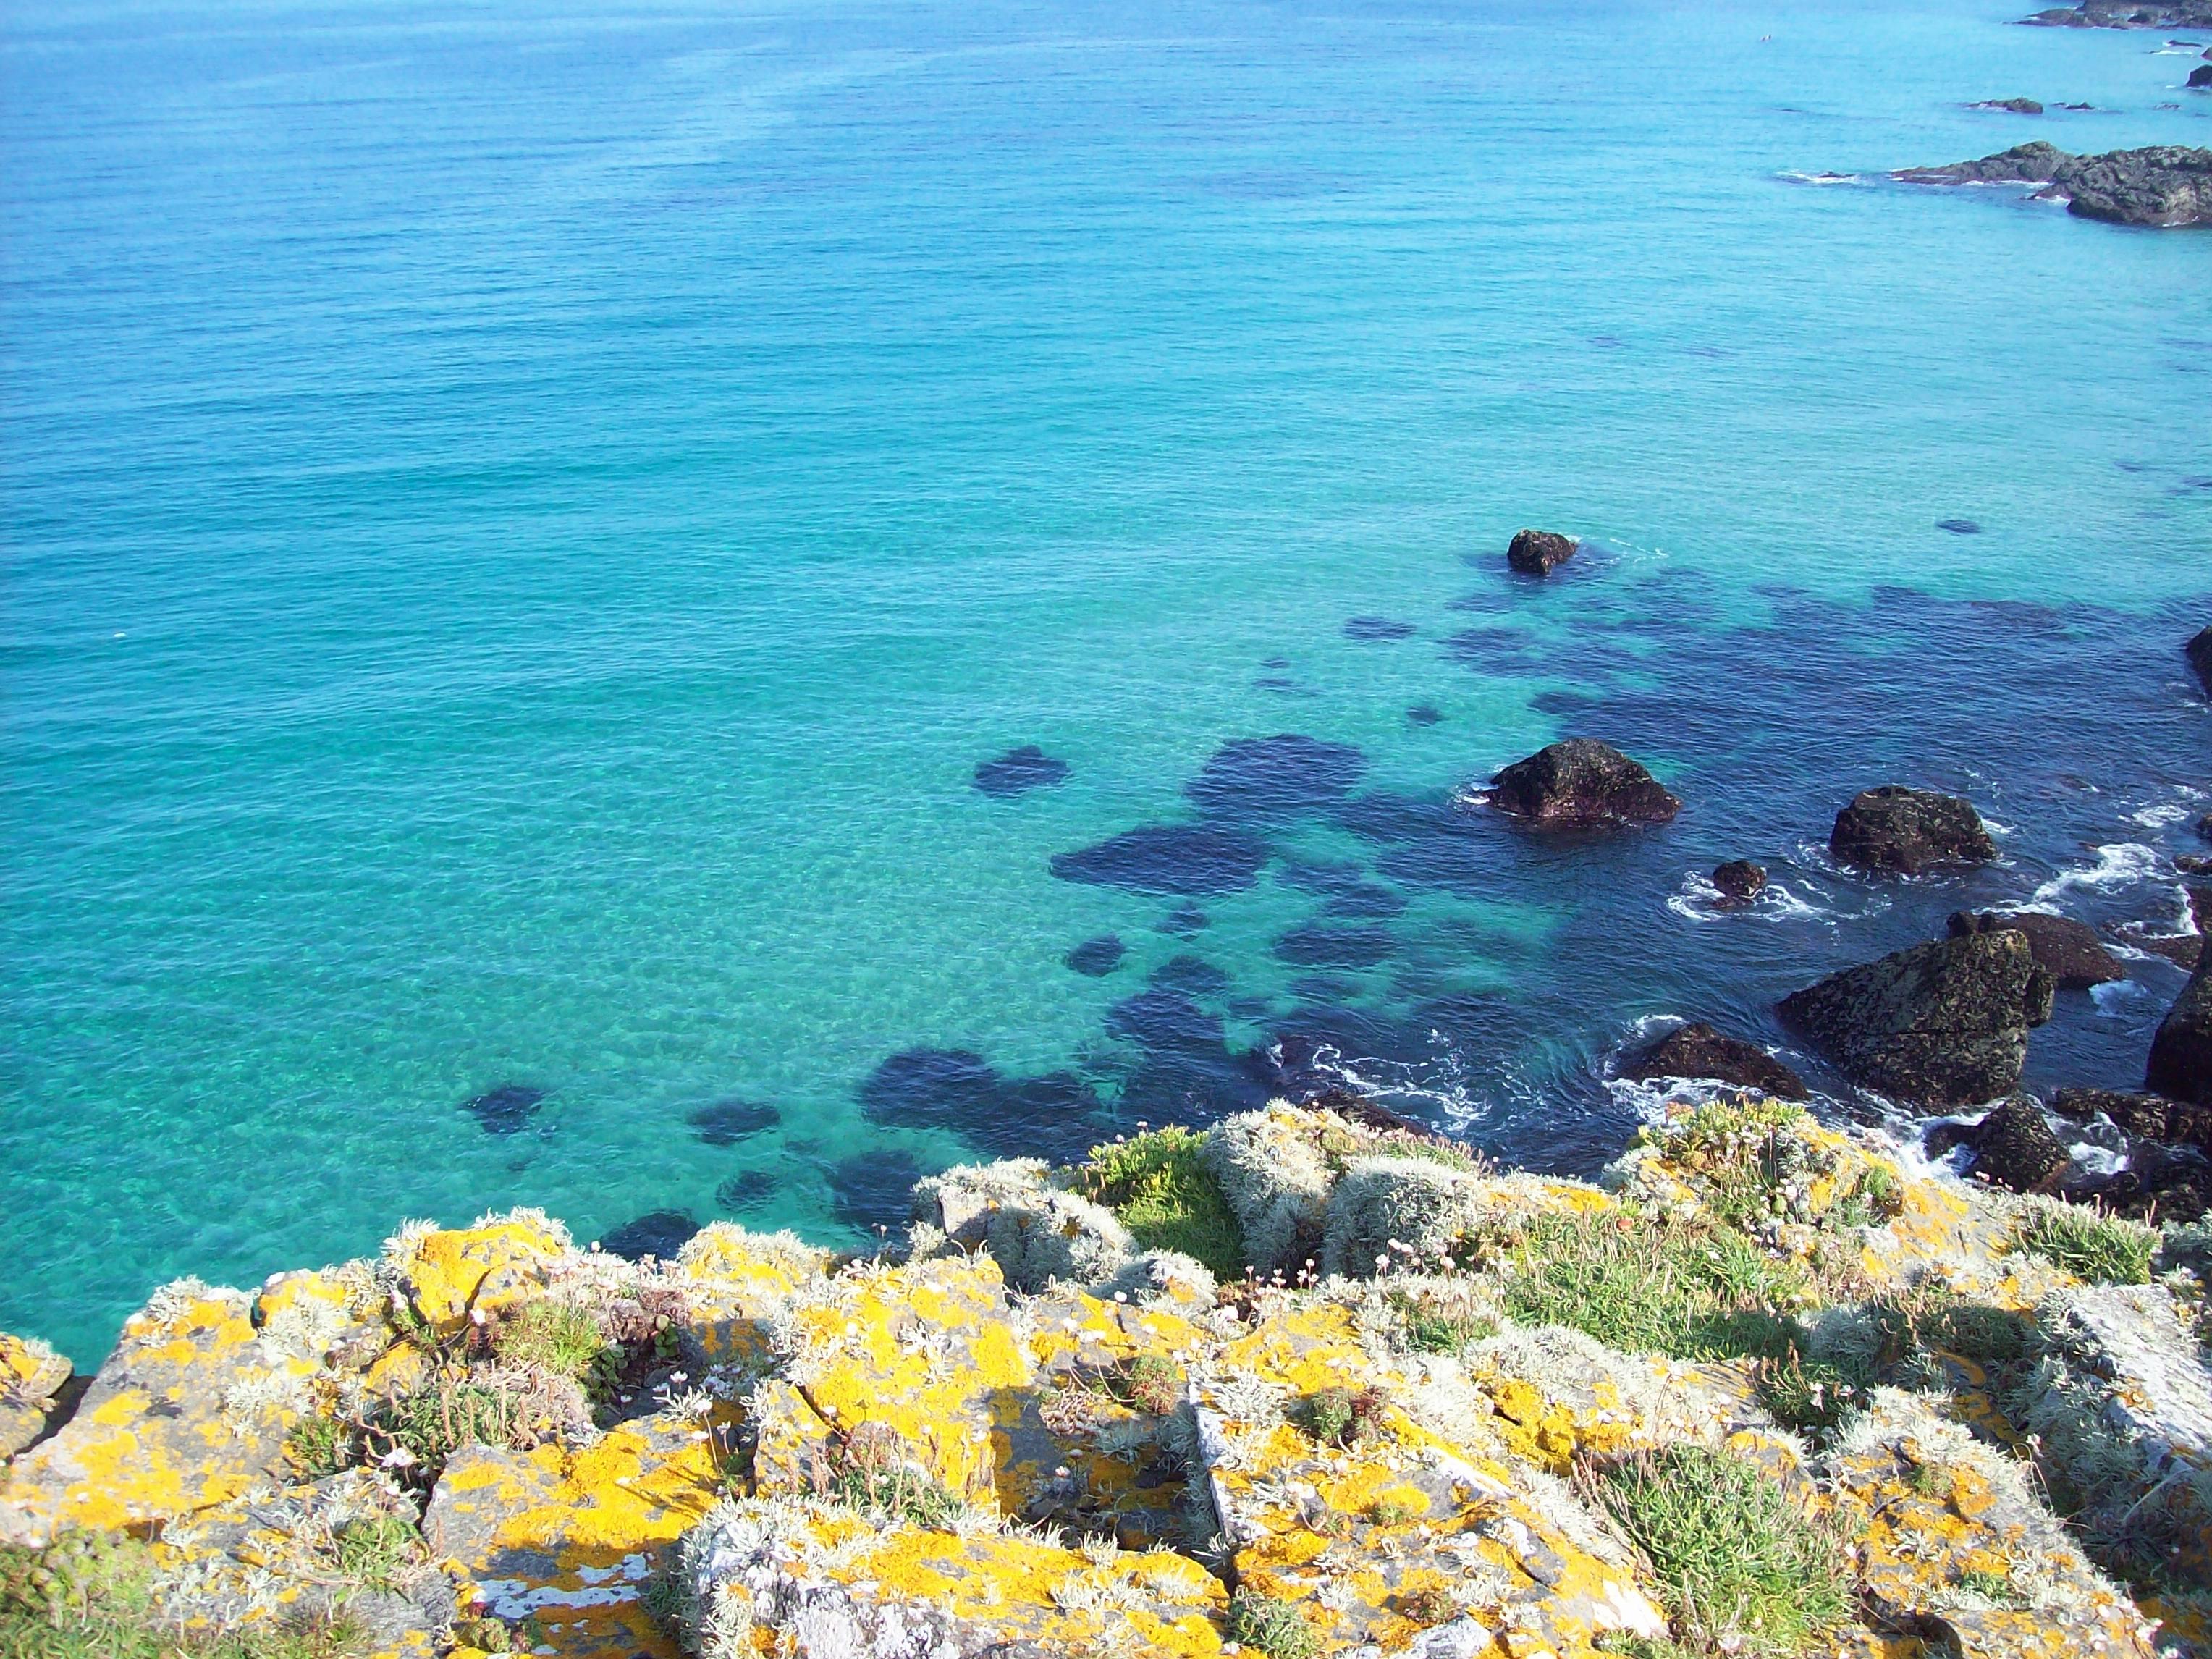 Calm summer seas